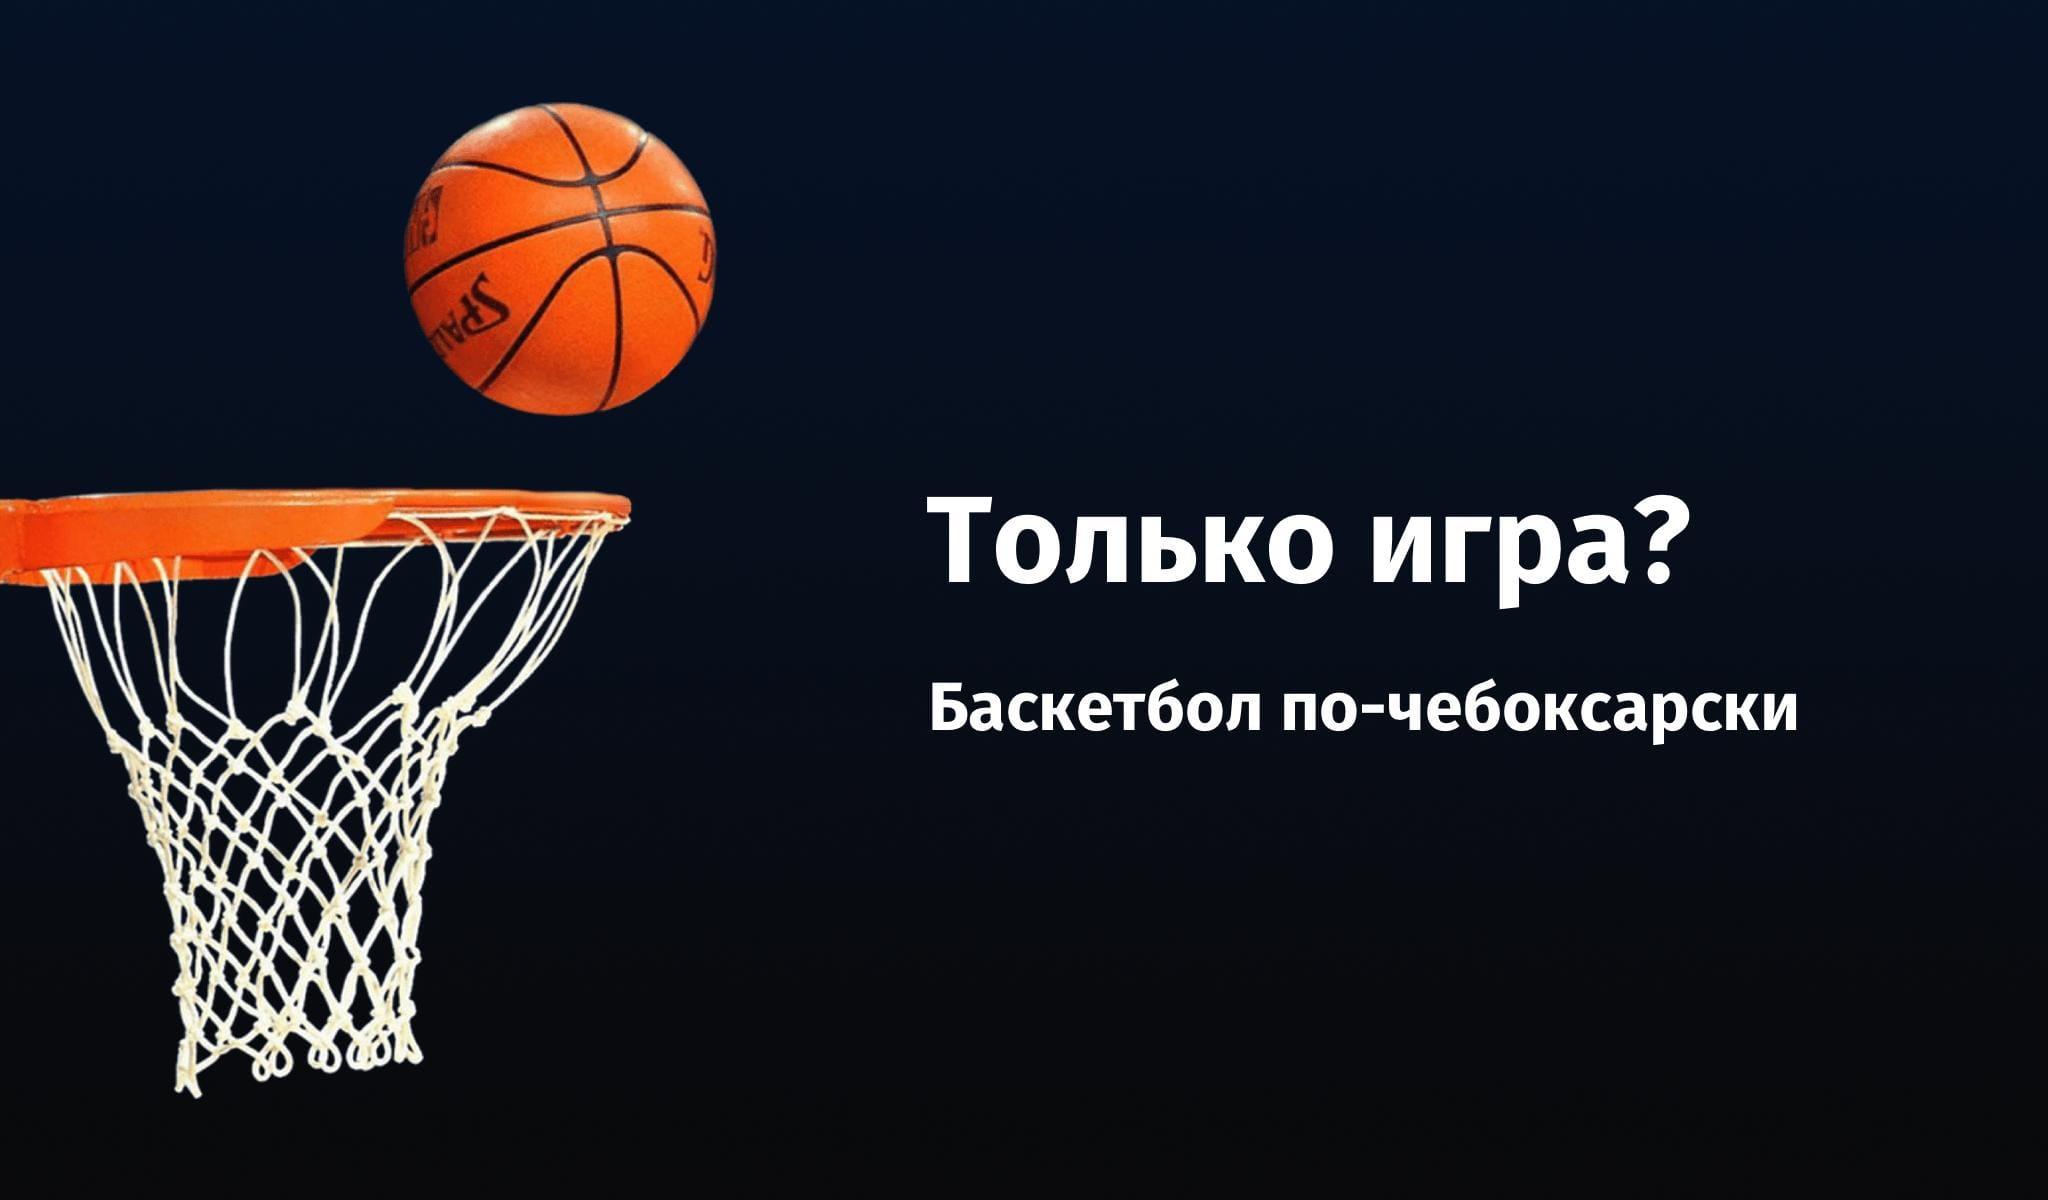 Только игра? Баскетбол по-чебоксарски